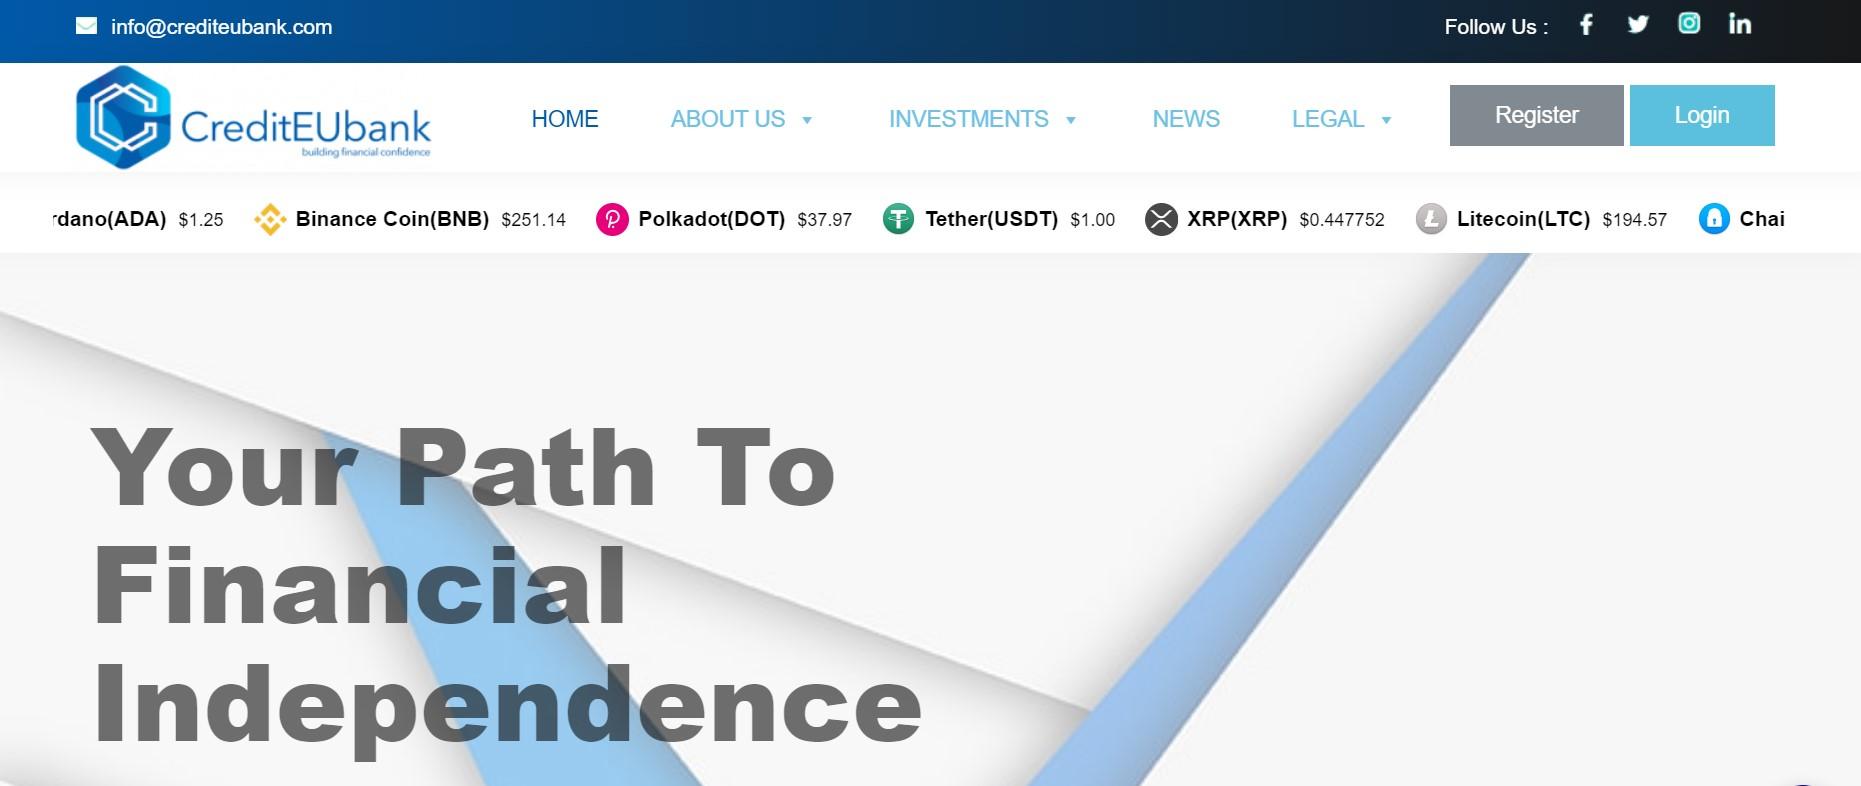 CreditEUbank website